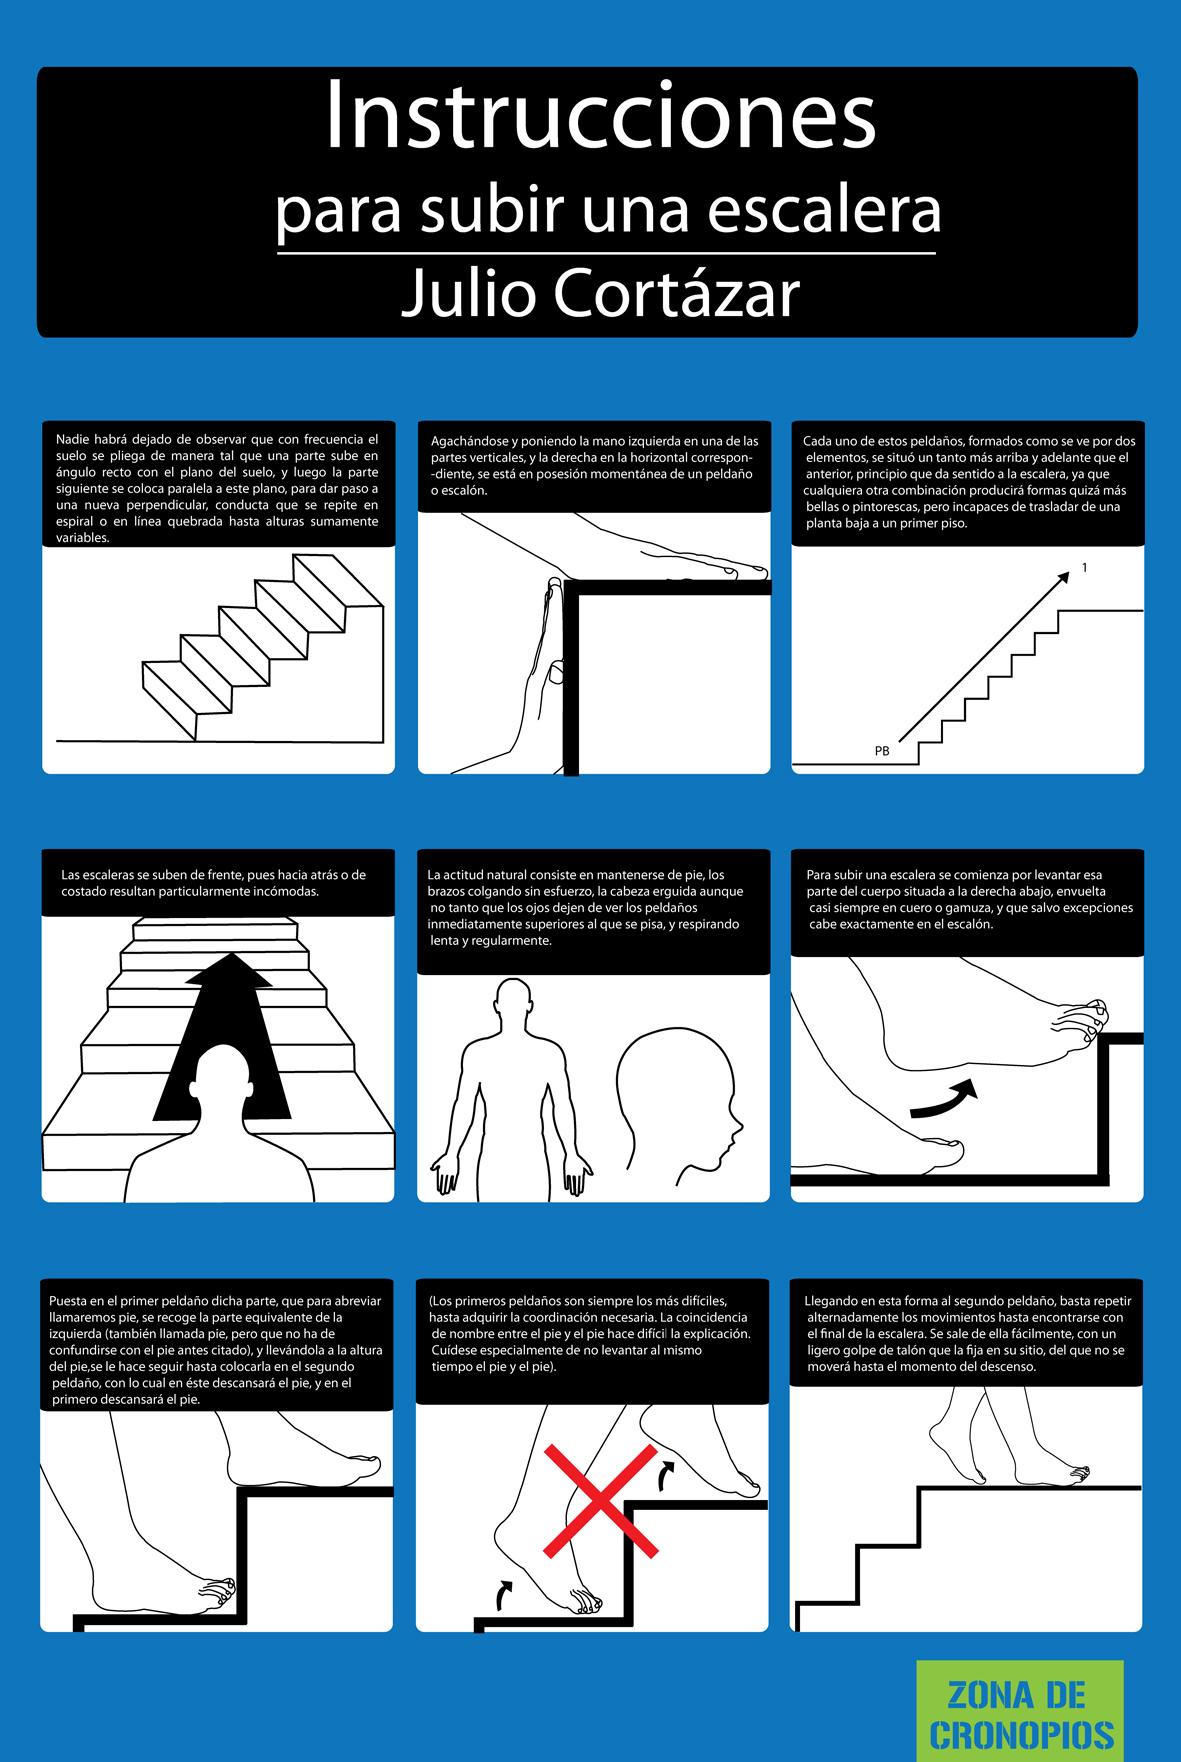 Instrucciones para subir una escalera for Que es una escalera